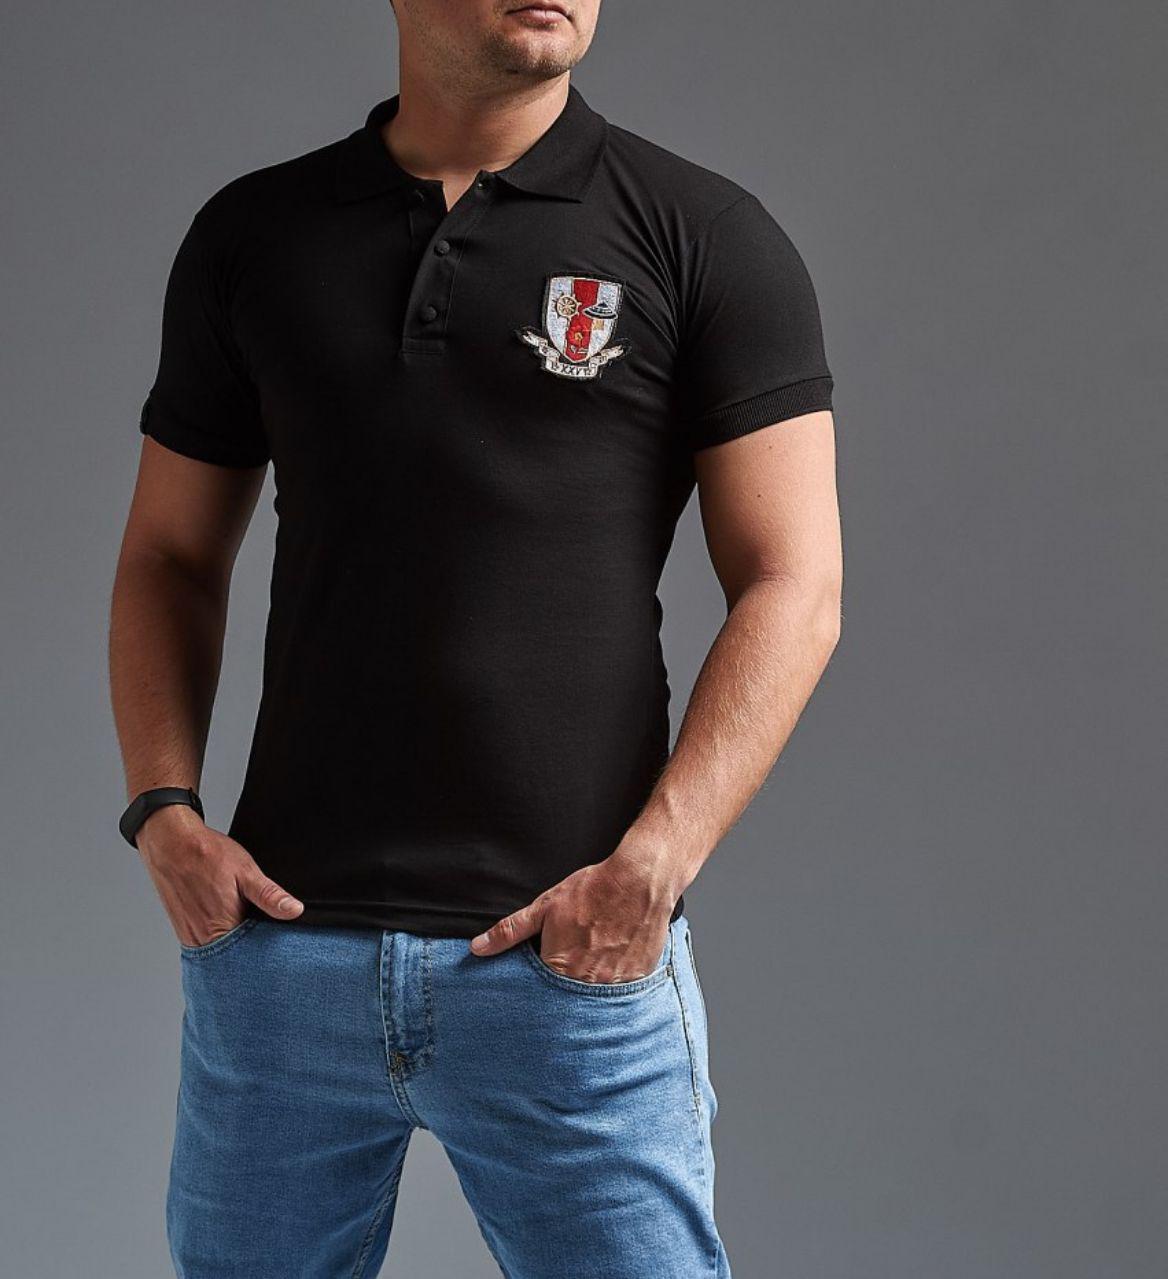 52686fe5118e Футболка поло мужская черная Gucci ( реплика)- купить не дорого в ...